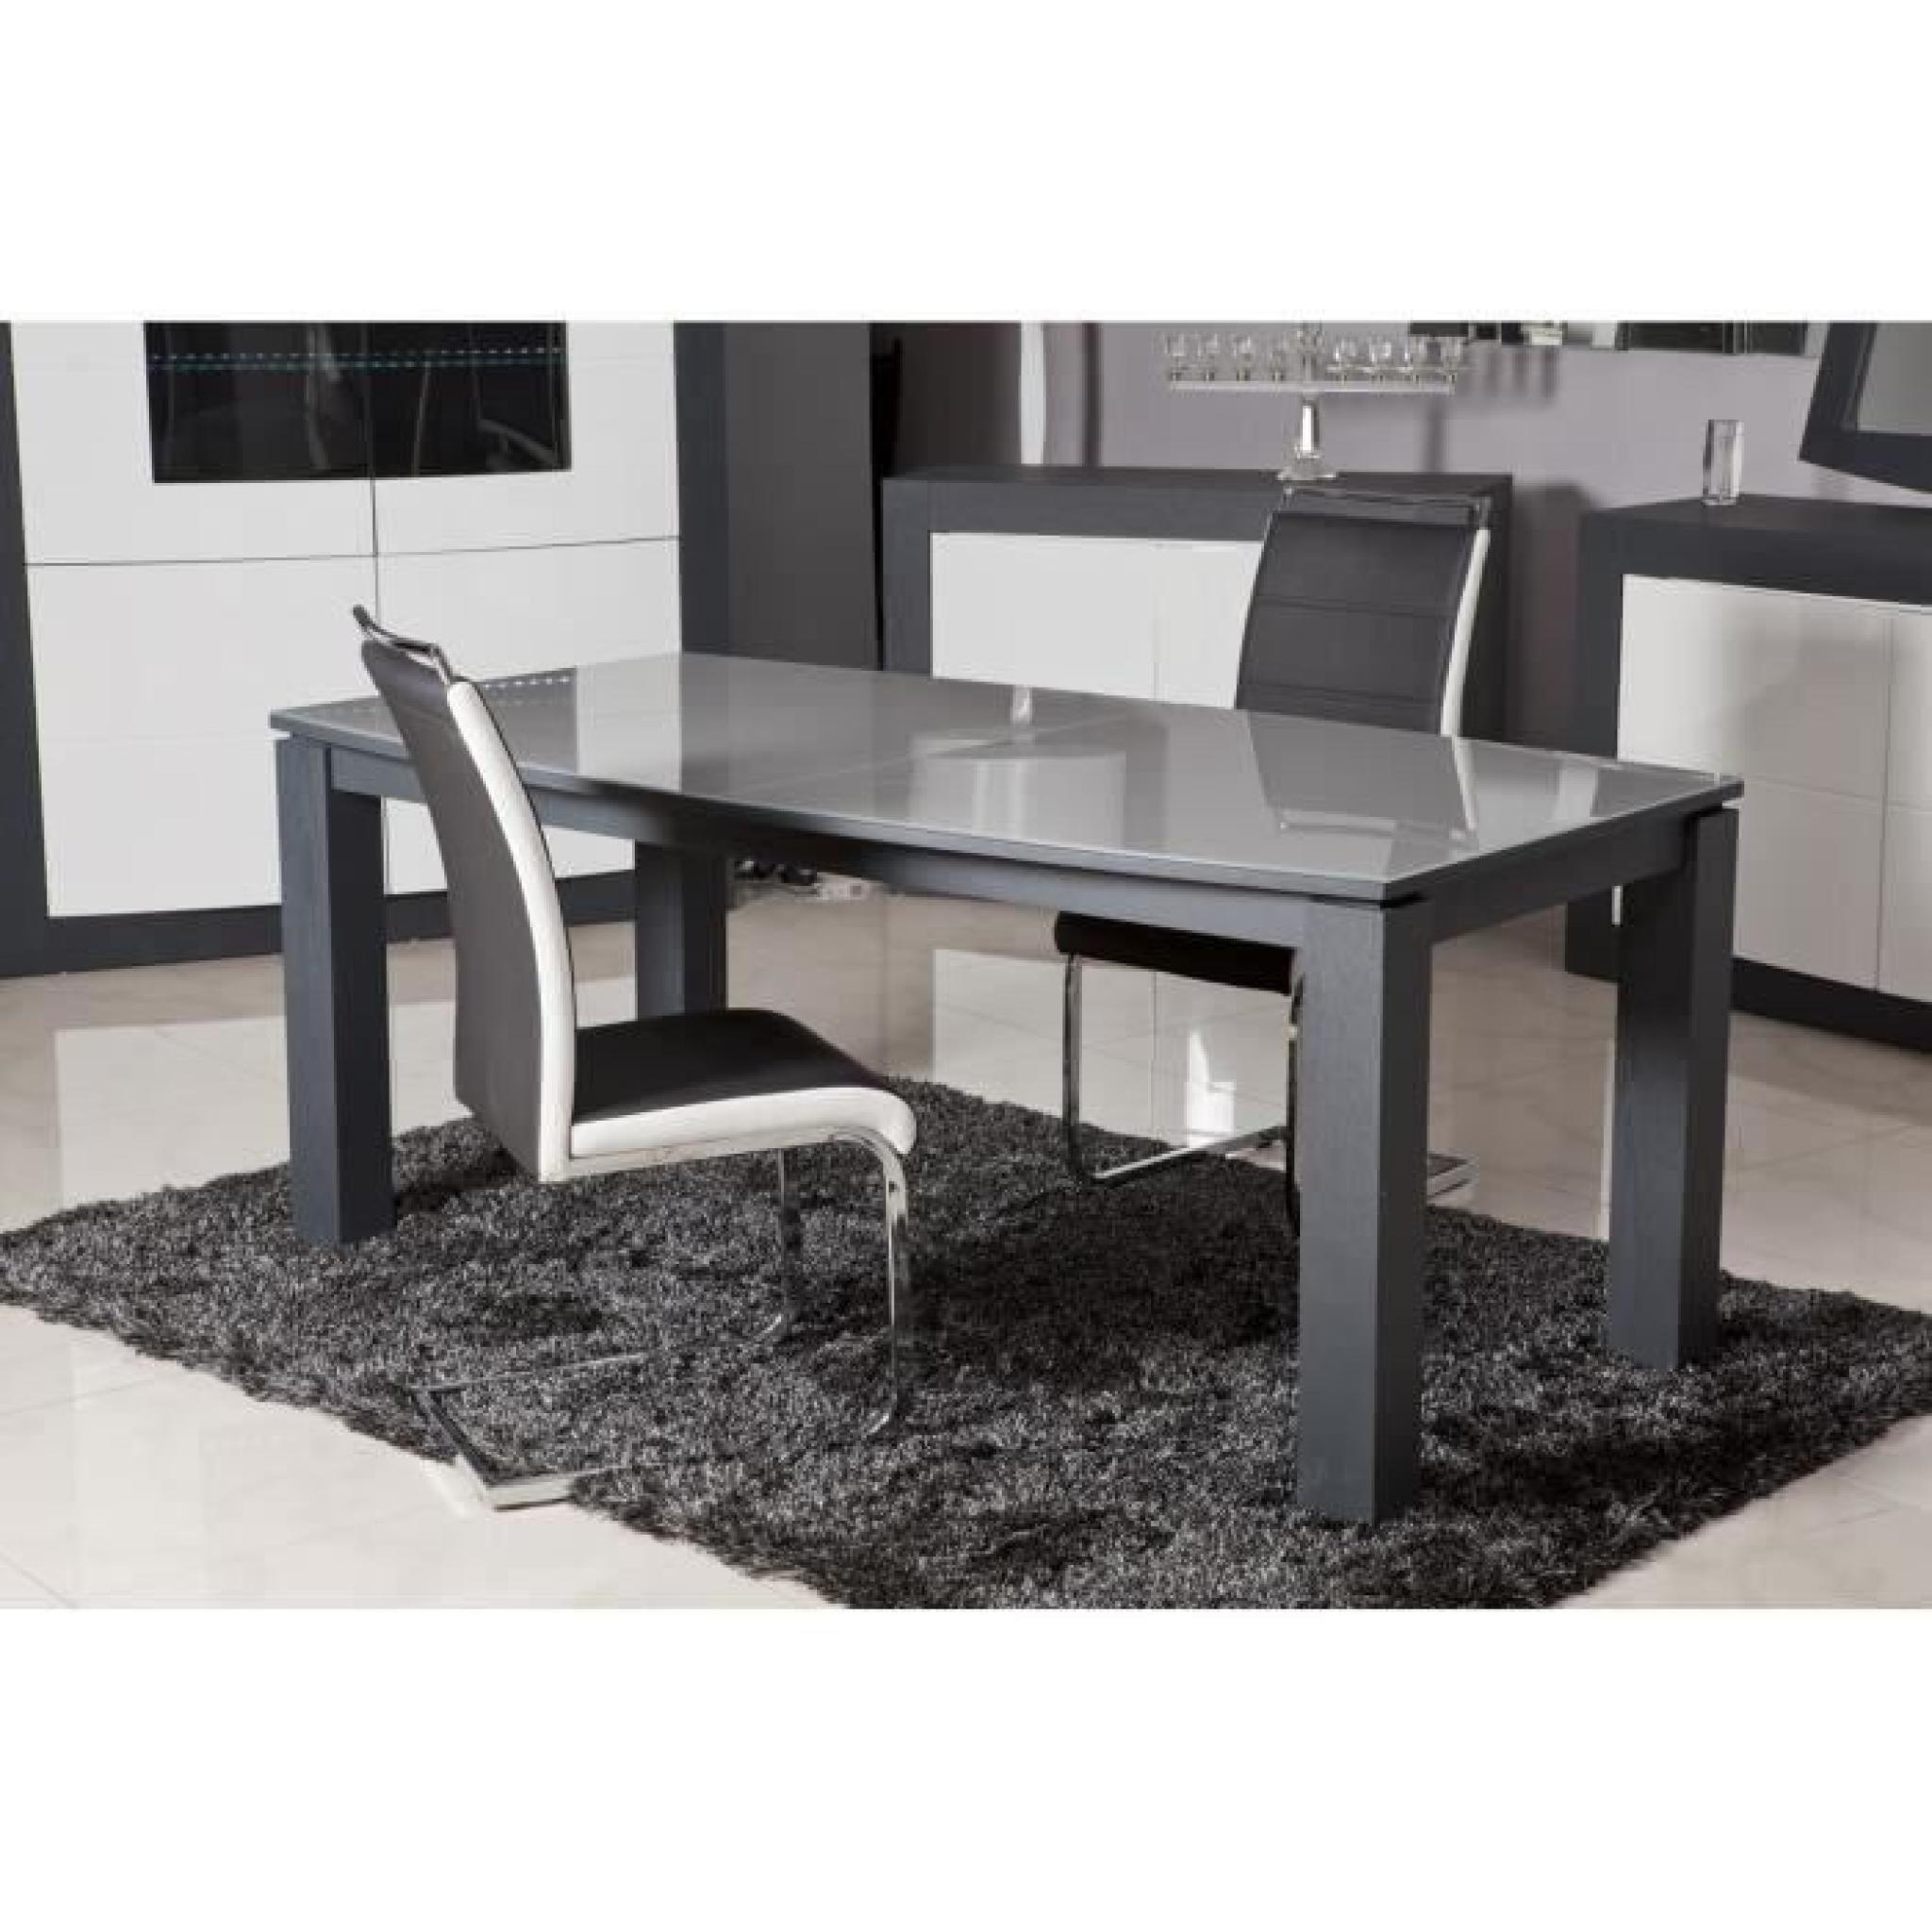 dylan lot de 6 chaises salon noir blanc achat vente. Black Bedroom Furniture Sets. Home Design Ideas